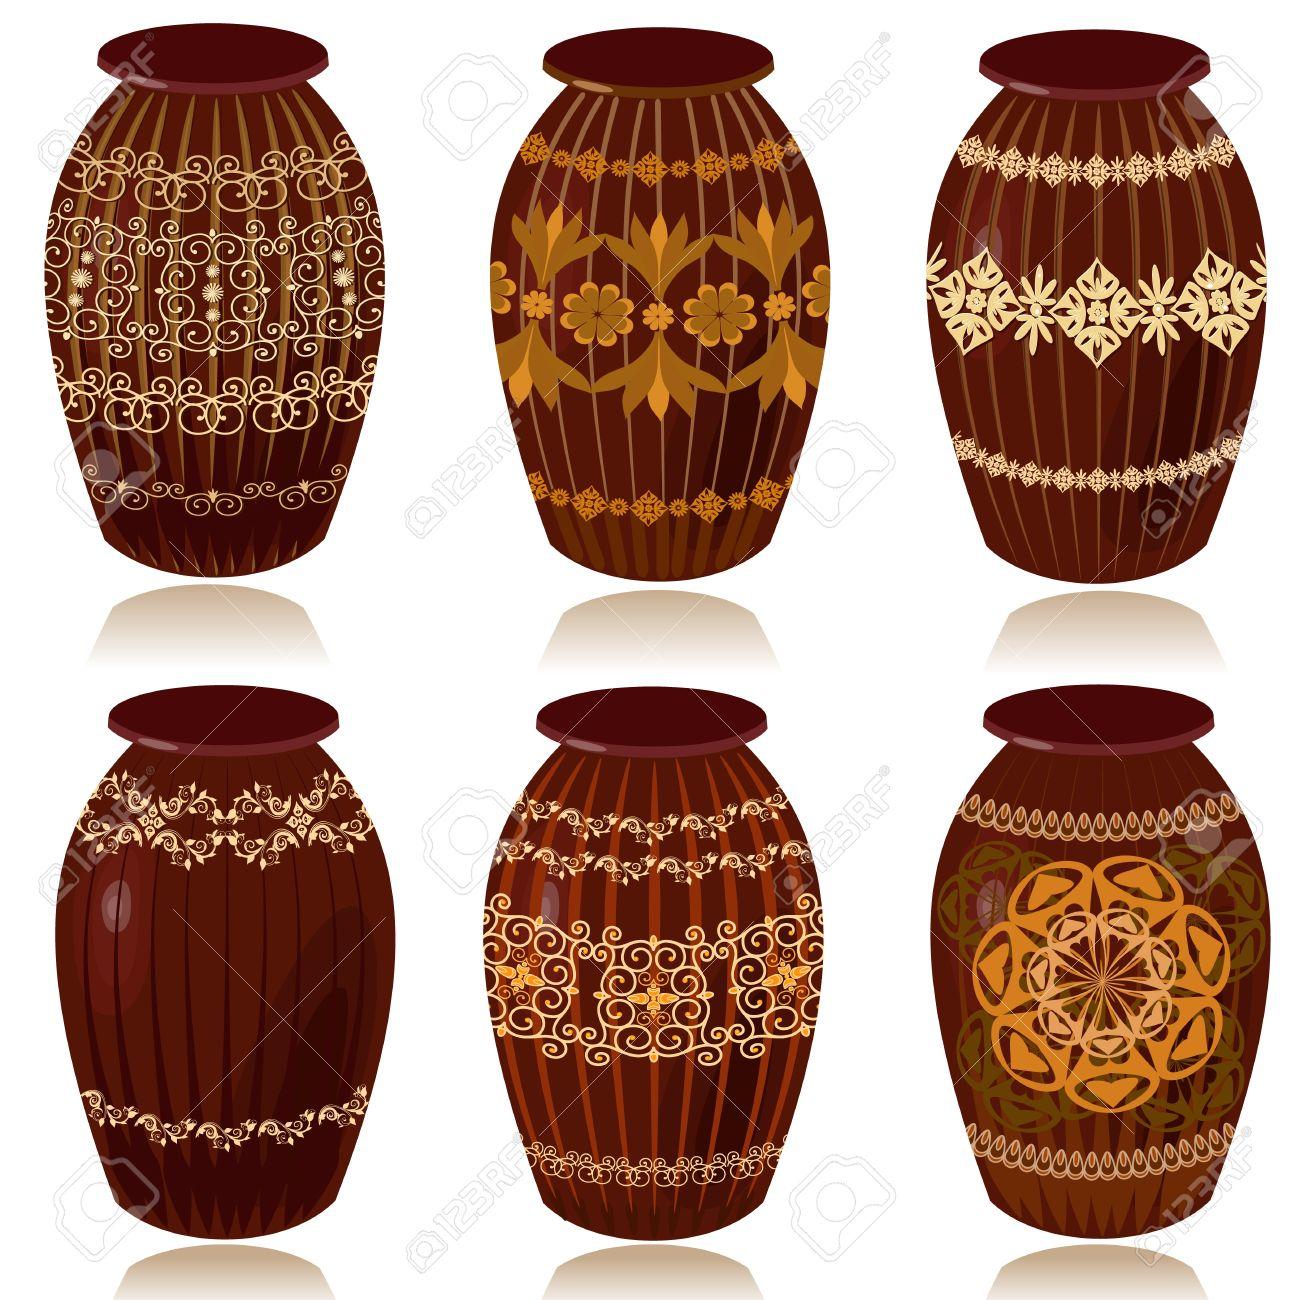 Ceramic decoration clipart #11